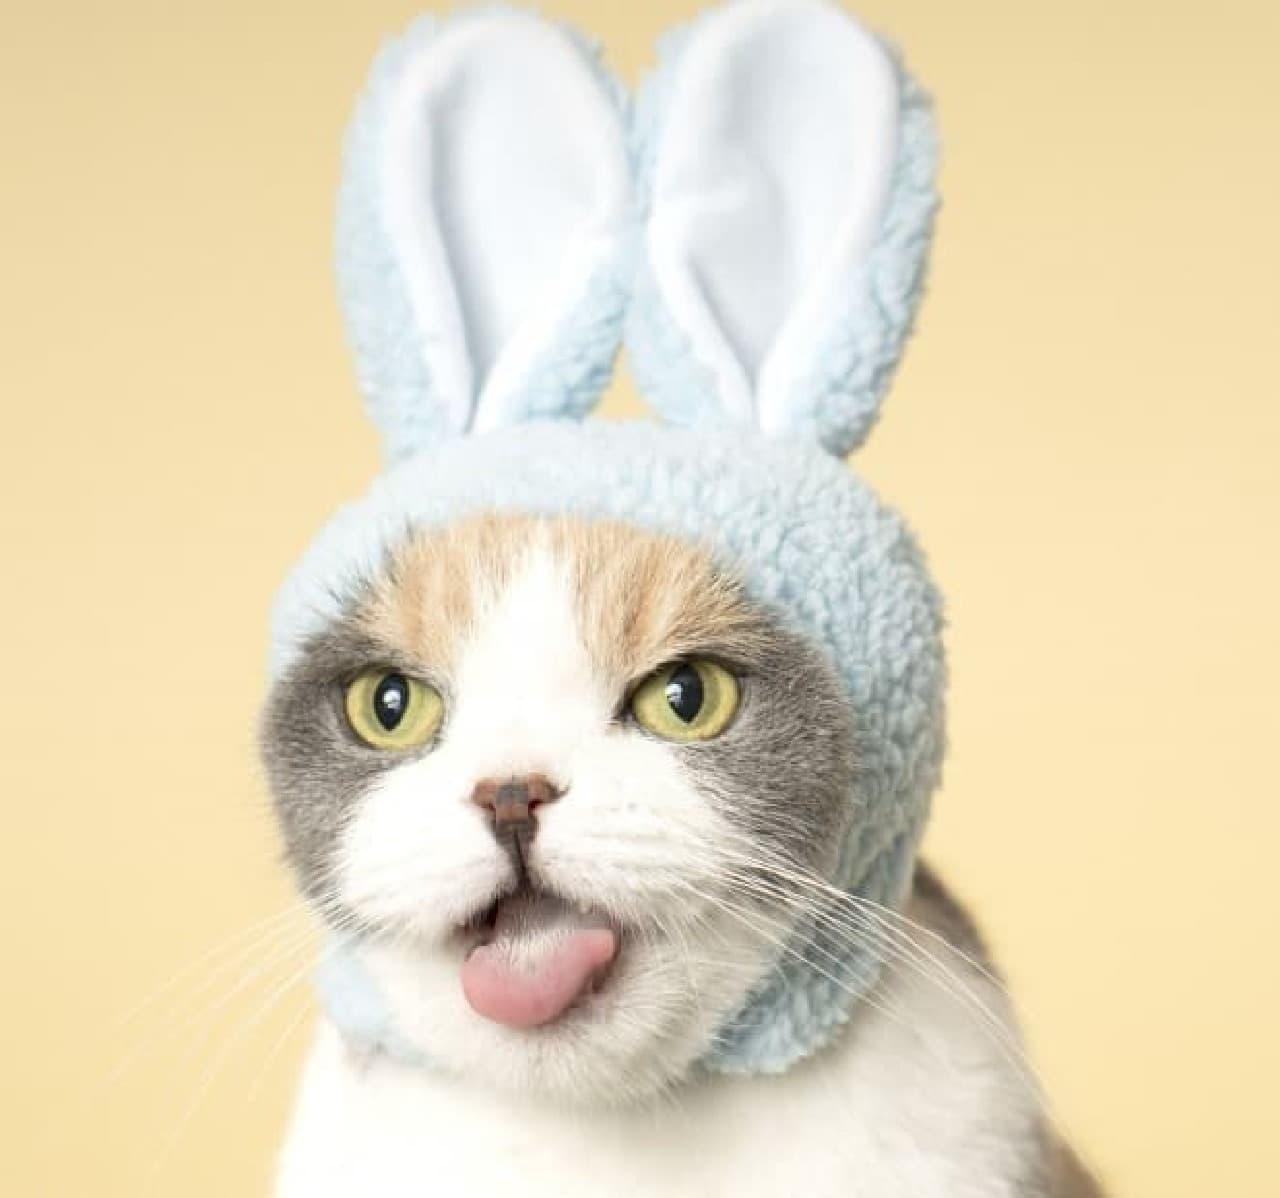 カプセルトイ「ねこのかぶりもの」の写真集、「かわいい かわいい ねこのかぶりもの」